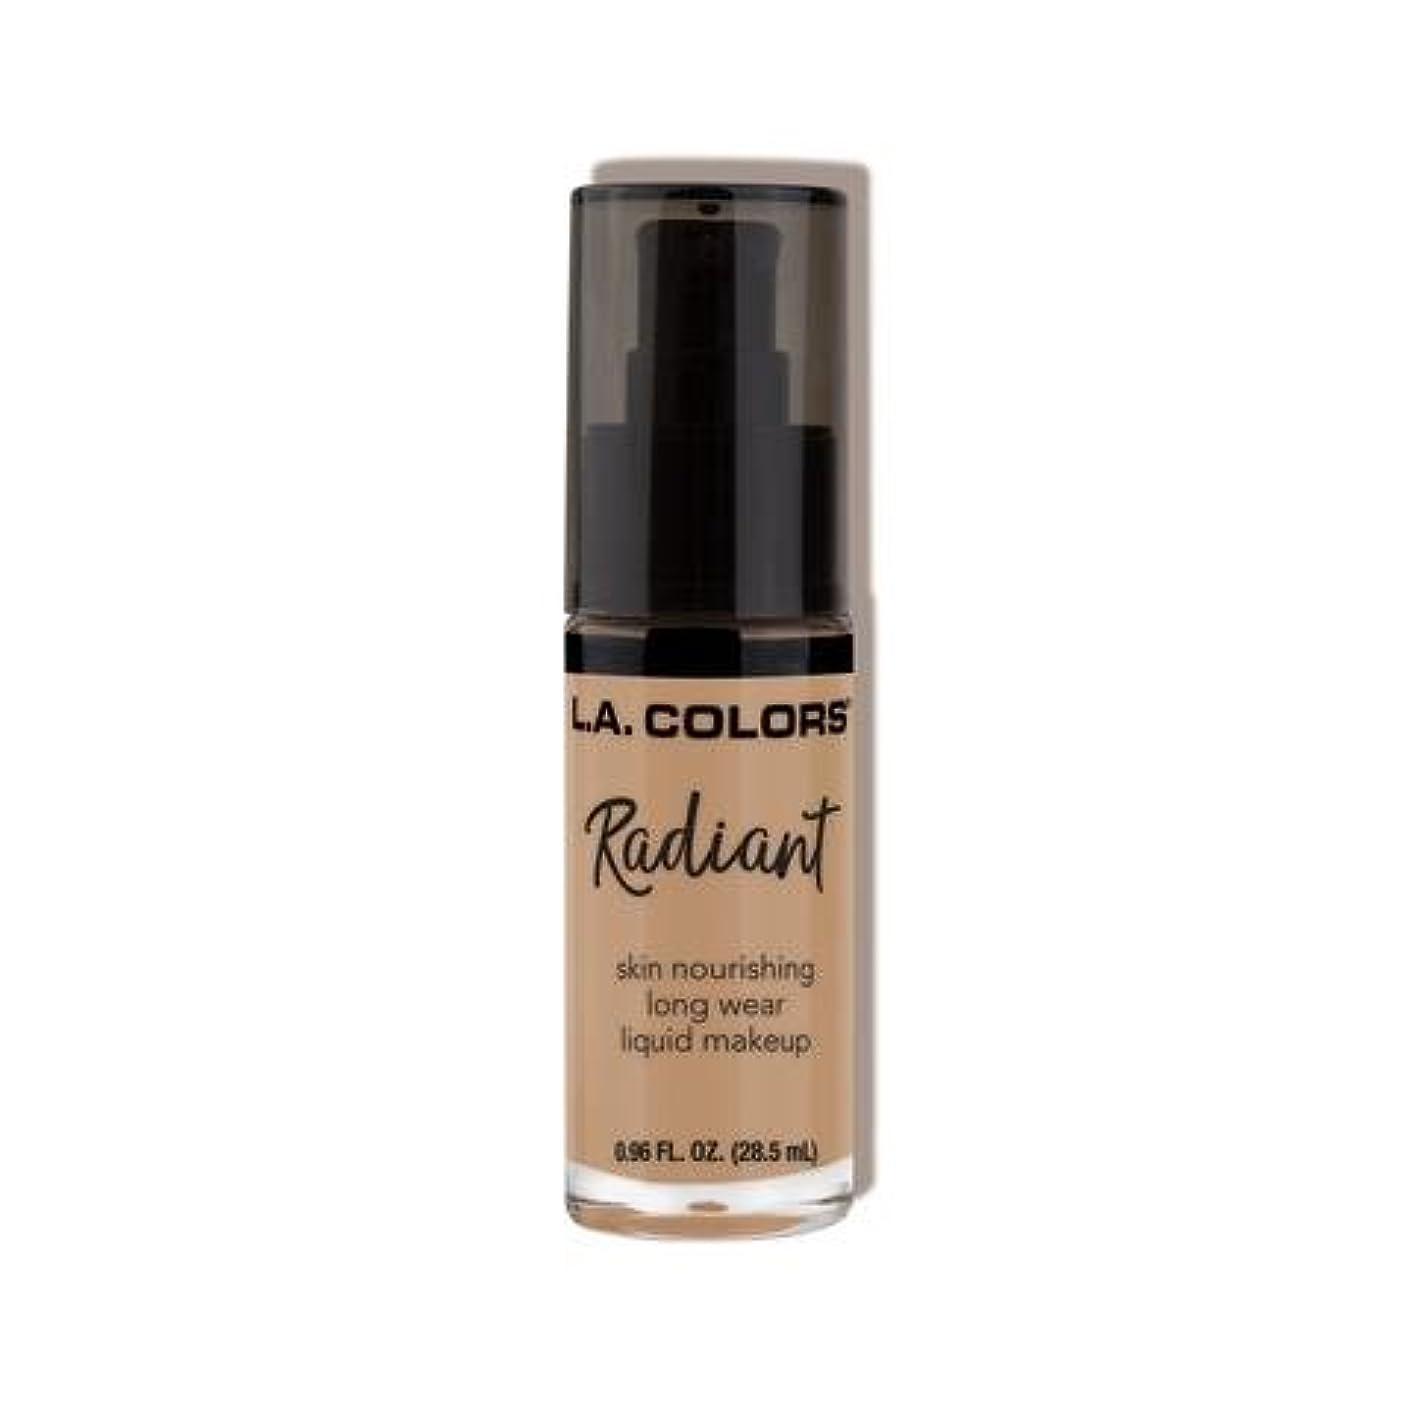 文化マッサージ伝統的(3 Pack) L.A. COLORS Radiant Liquid Makeup - Medium Beige (並行輸入品)